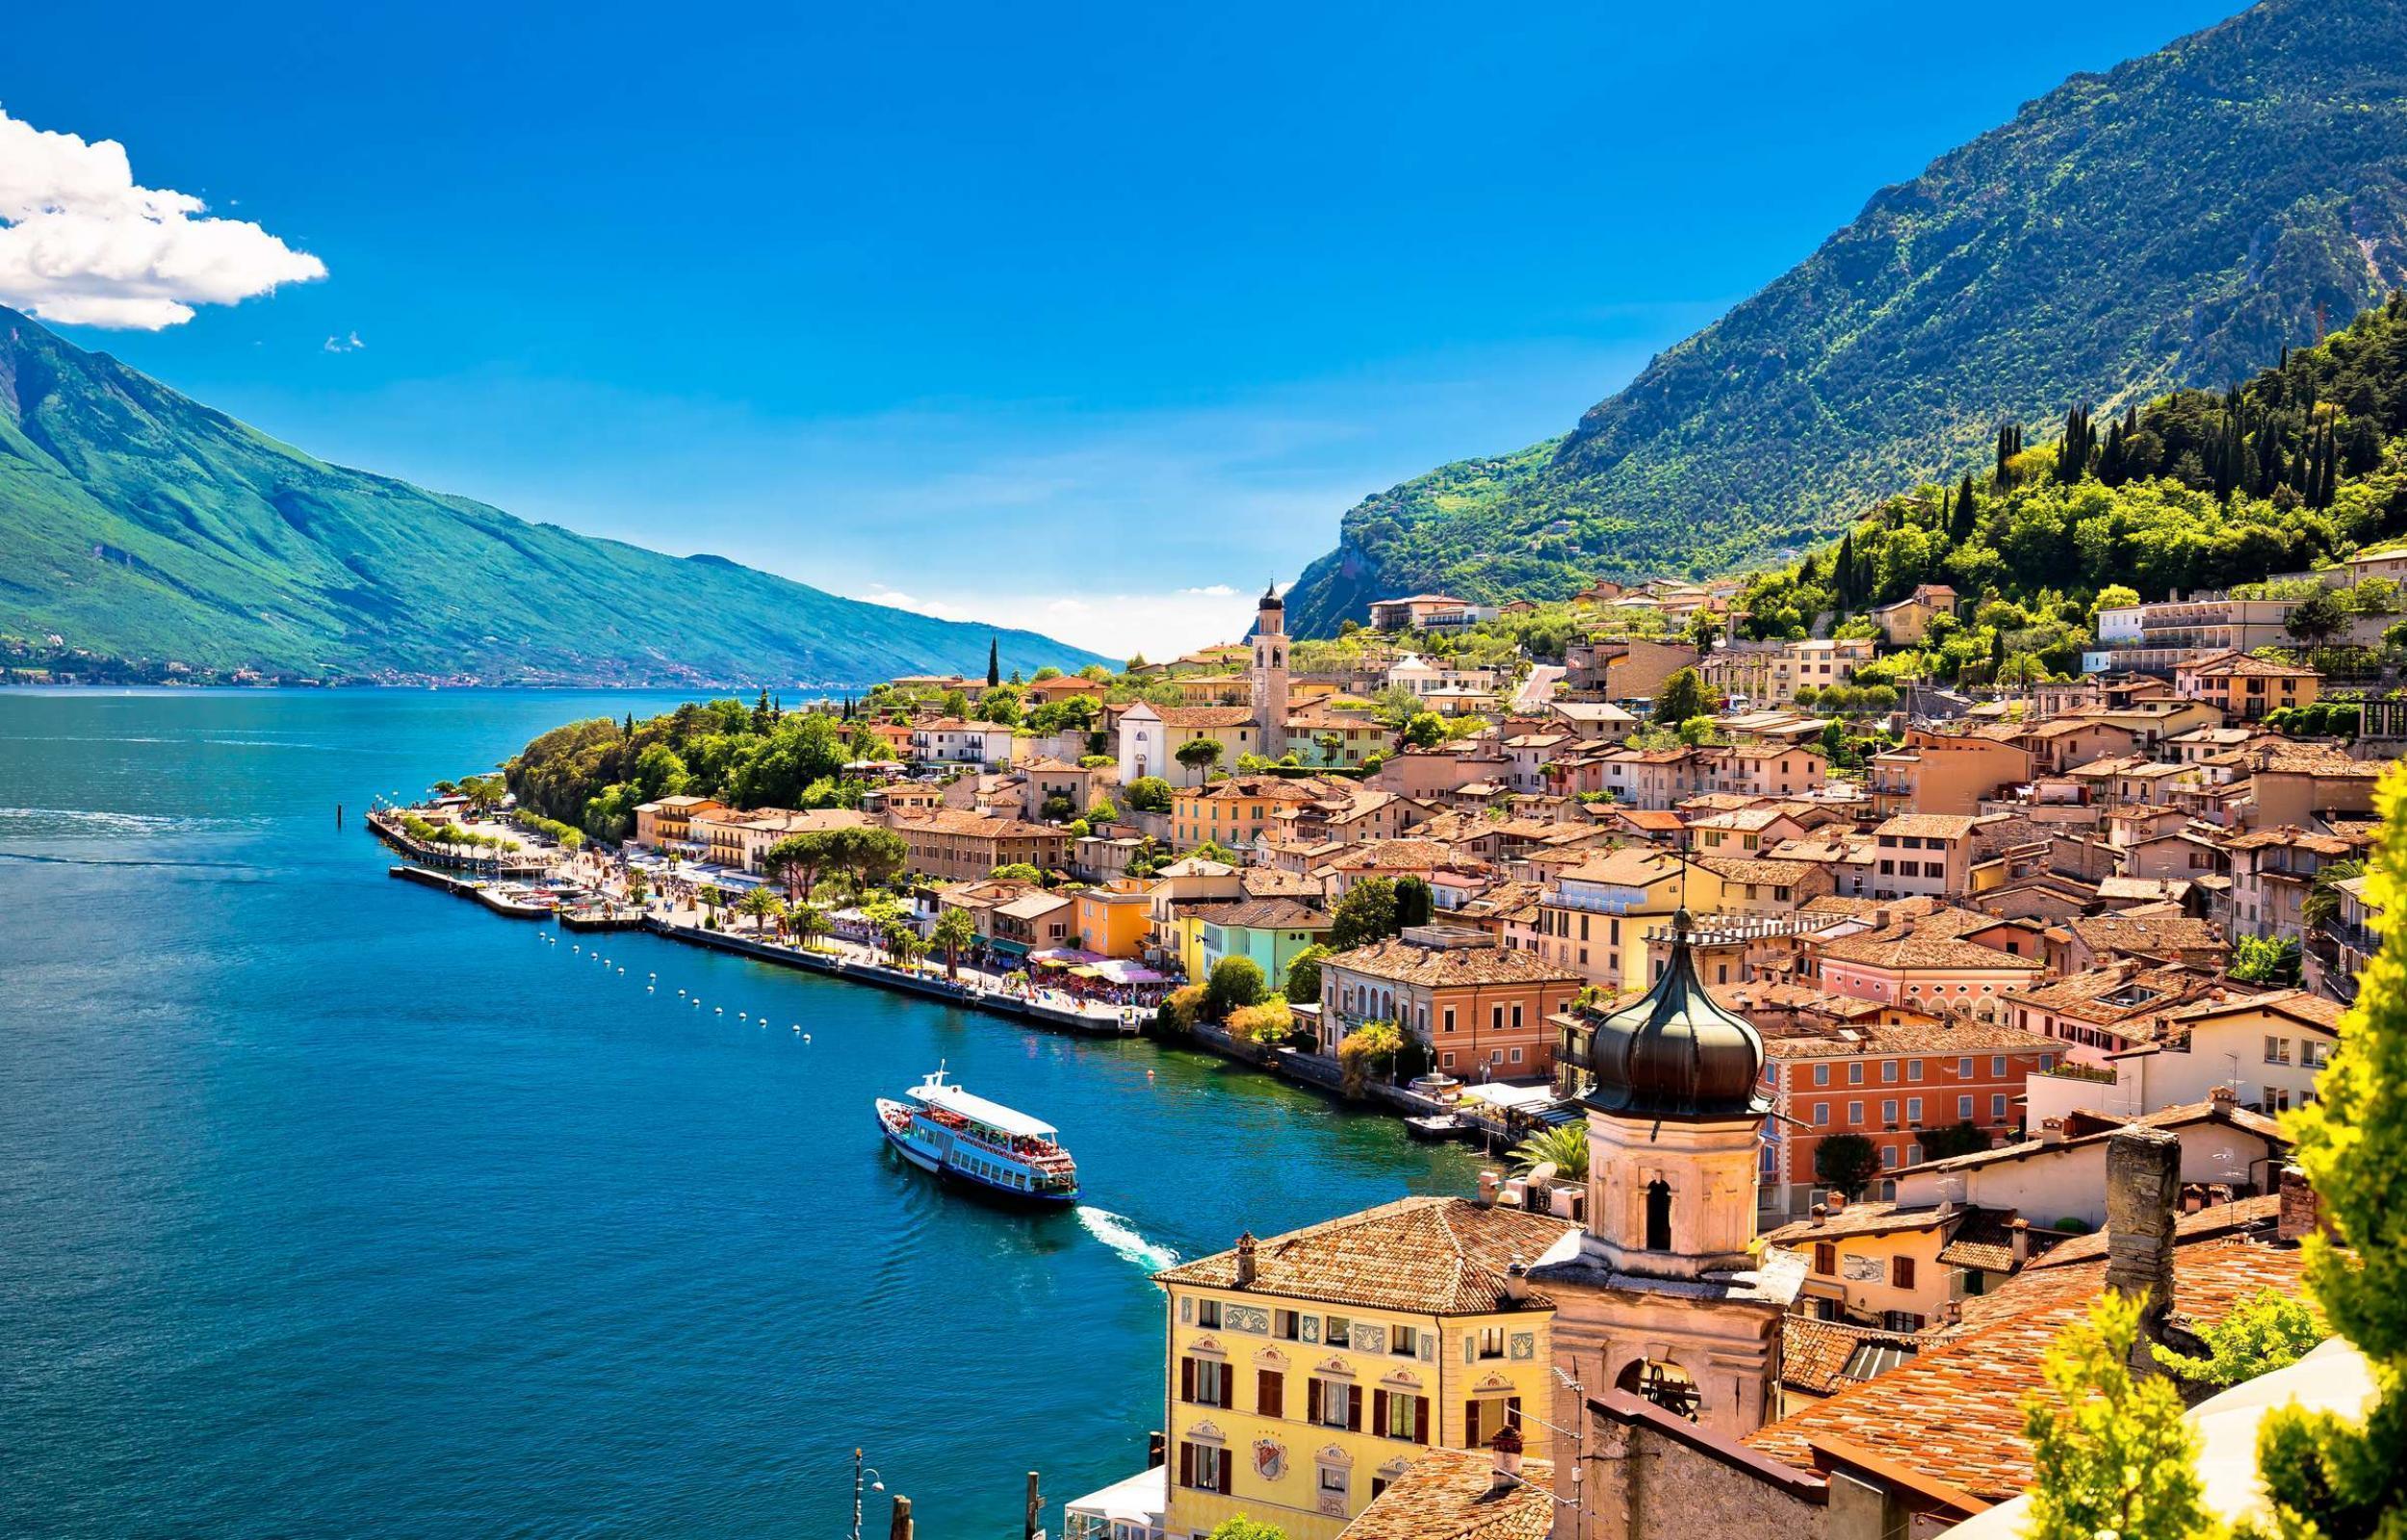 Tour Lago di Garda